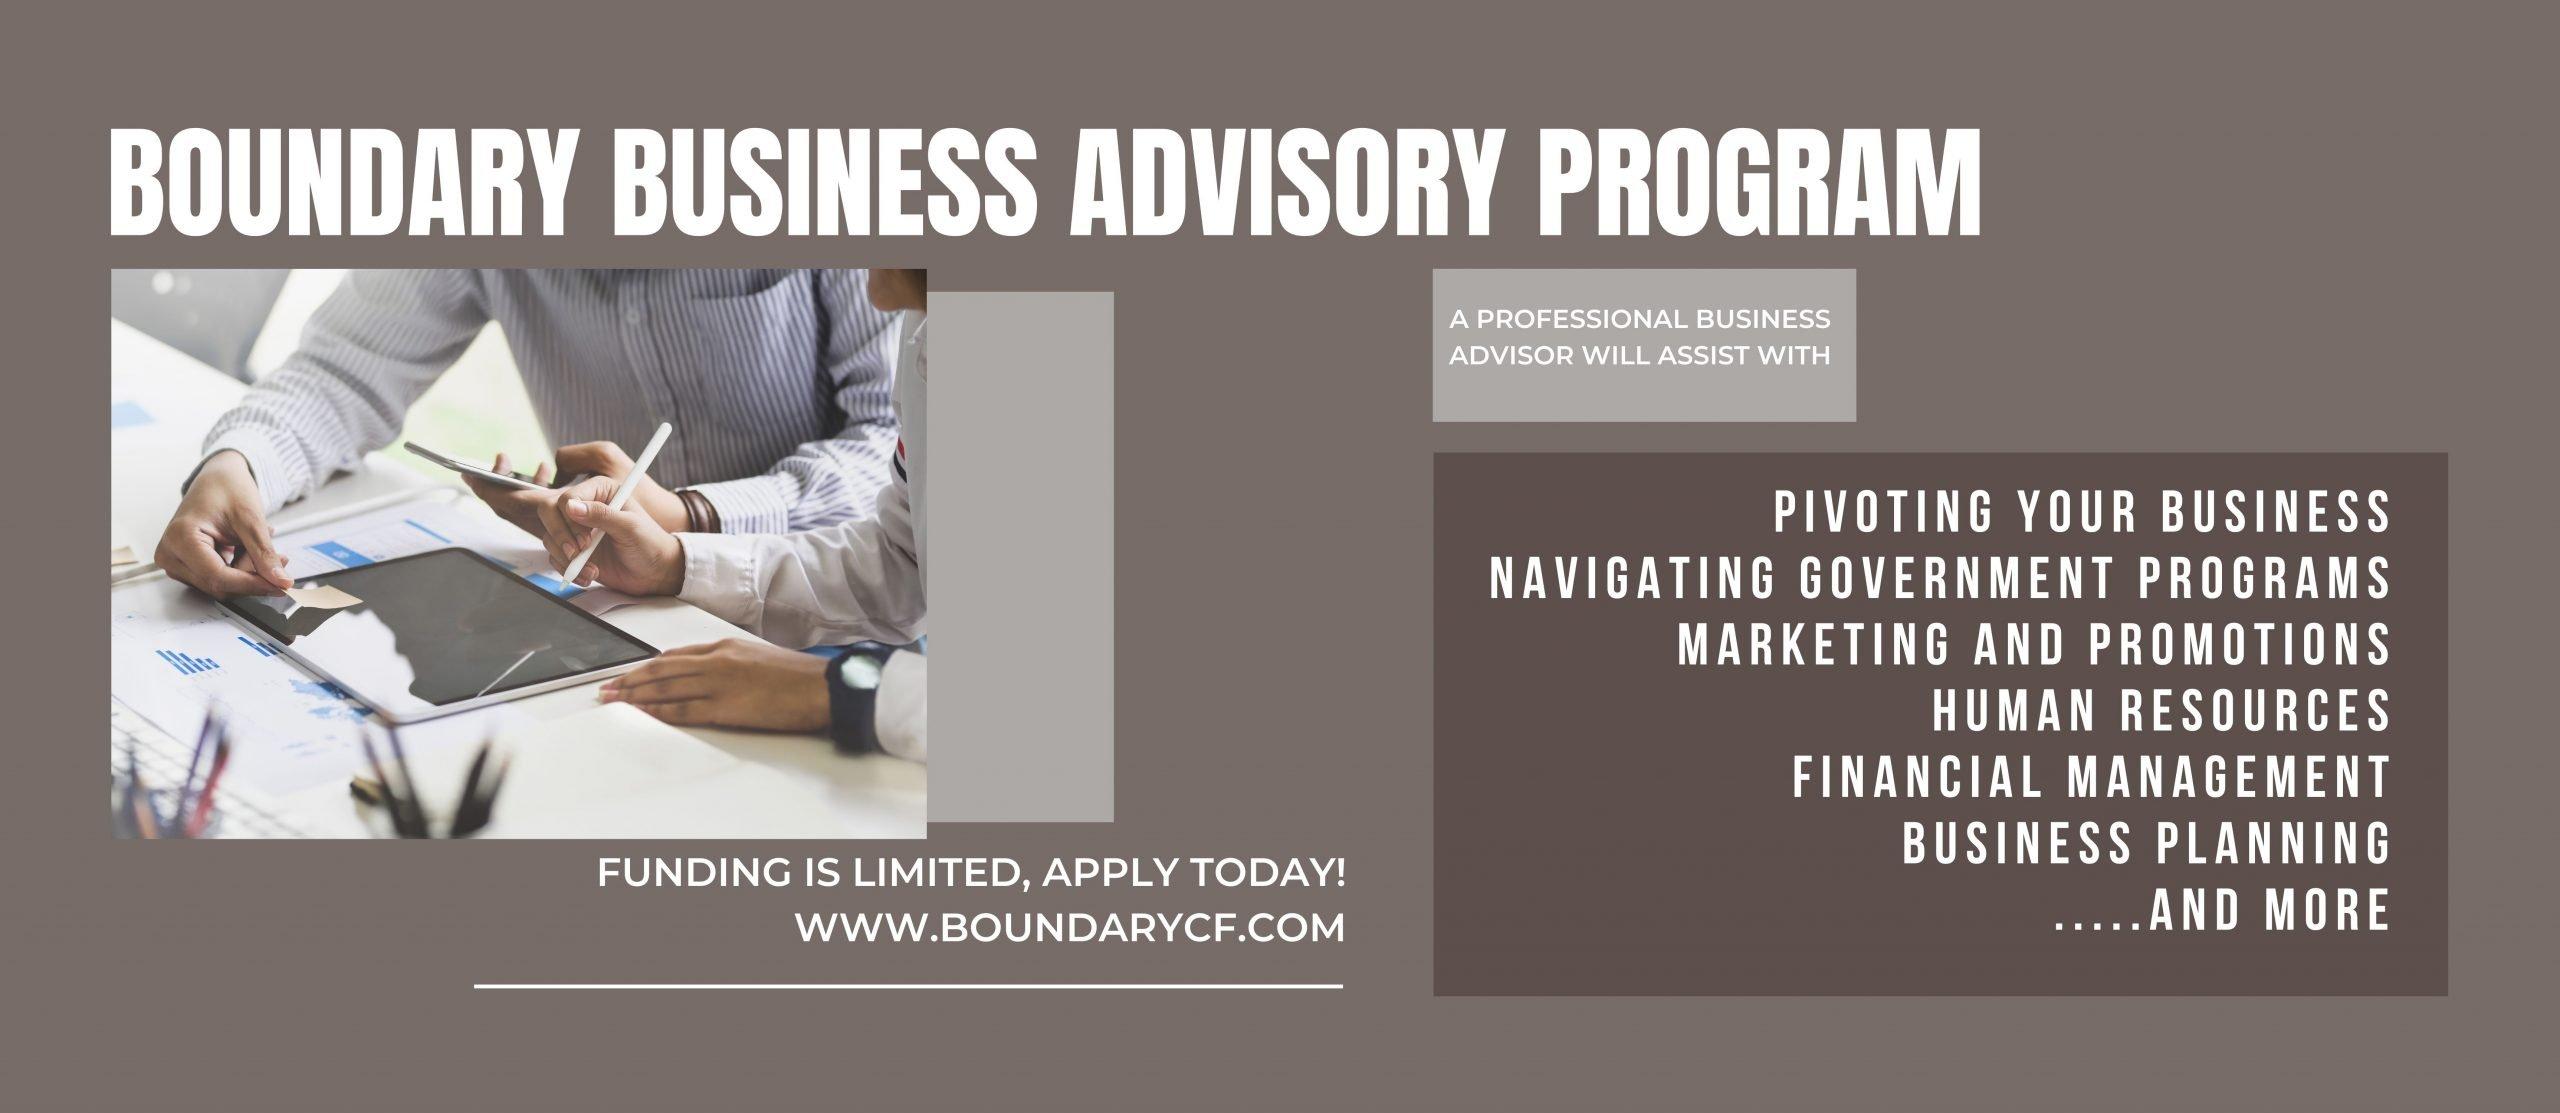 Boundary Business Advisory Program feature image